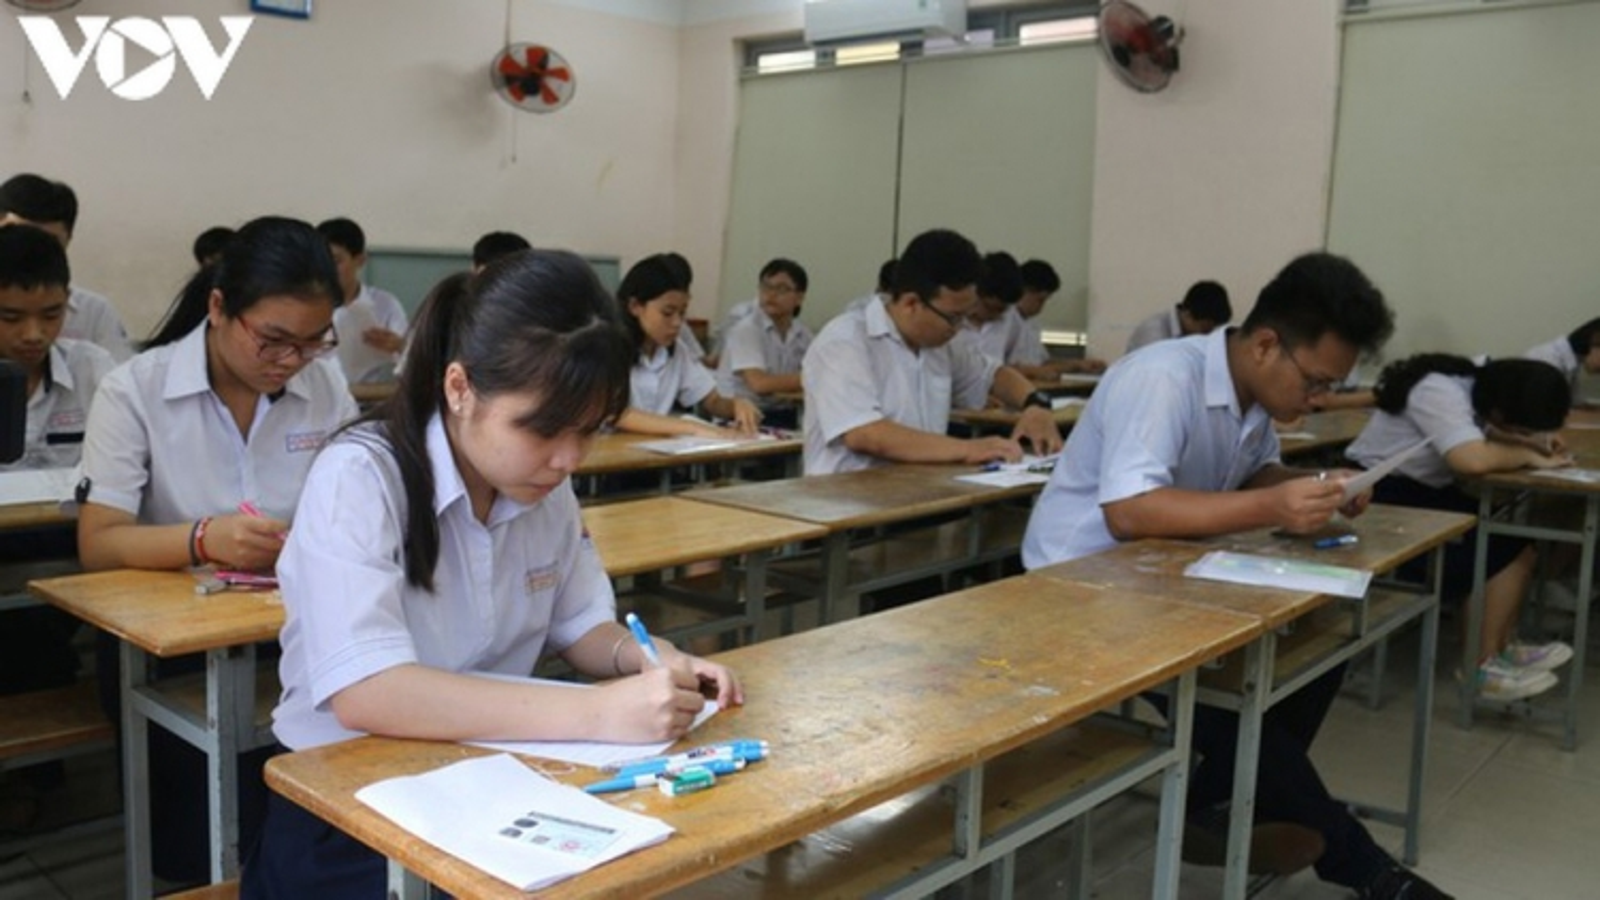 Sở GD&ĐT Hải Phòng đề xuất bỏ môn thi tổ hợp Kỳ thi tuyển sinh vào lớp 10